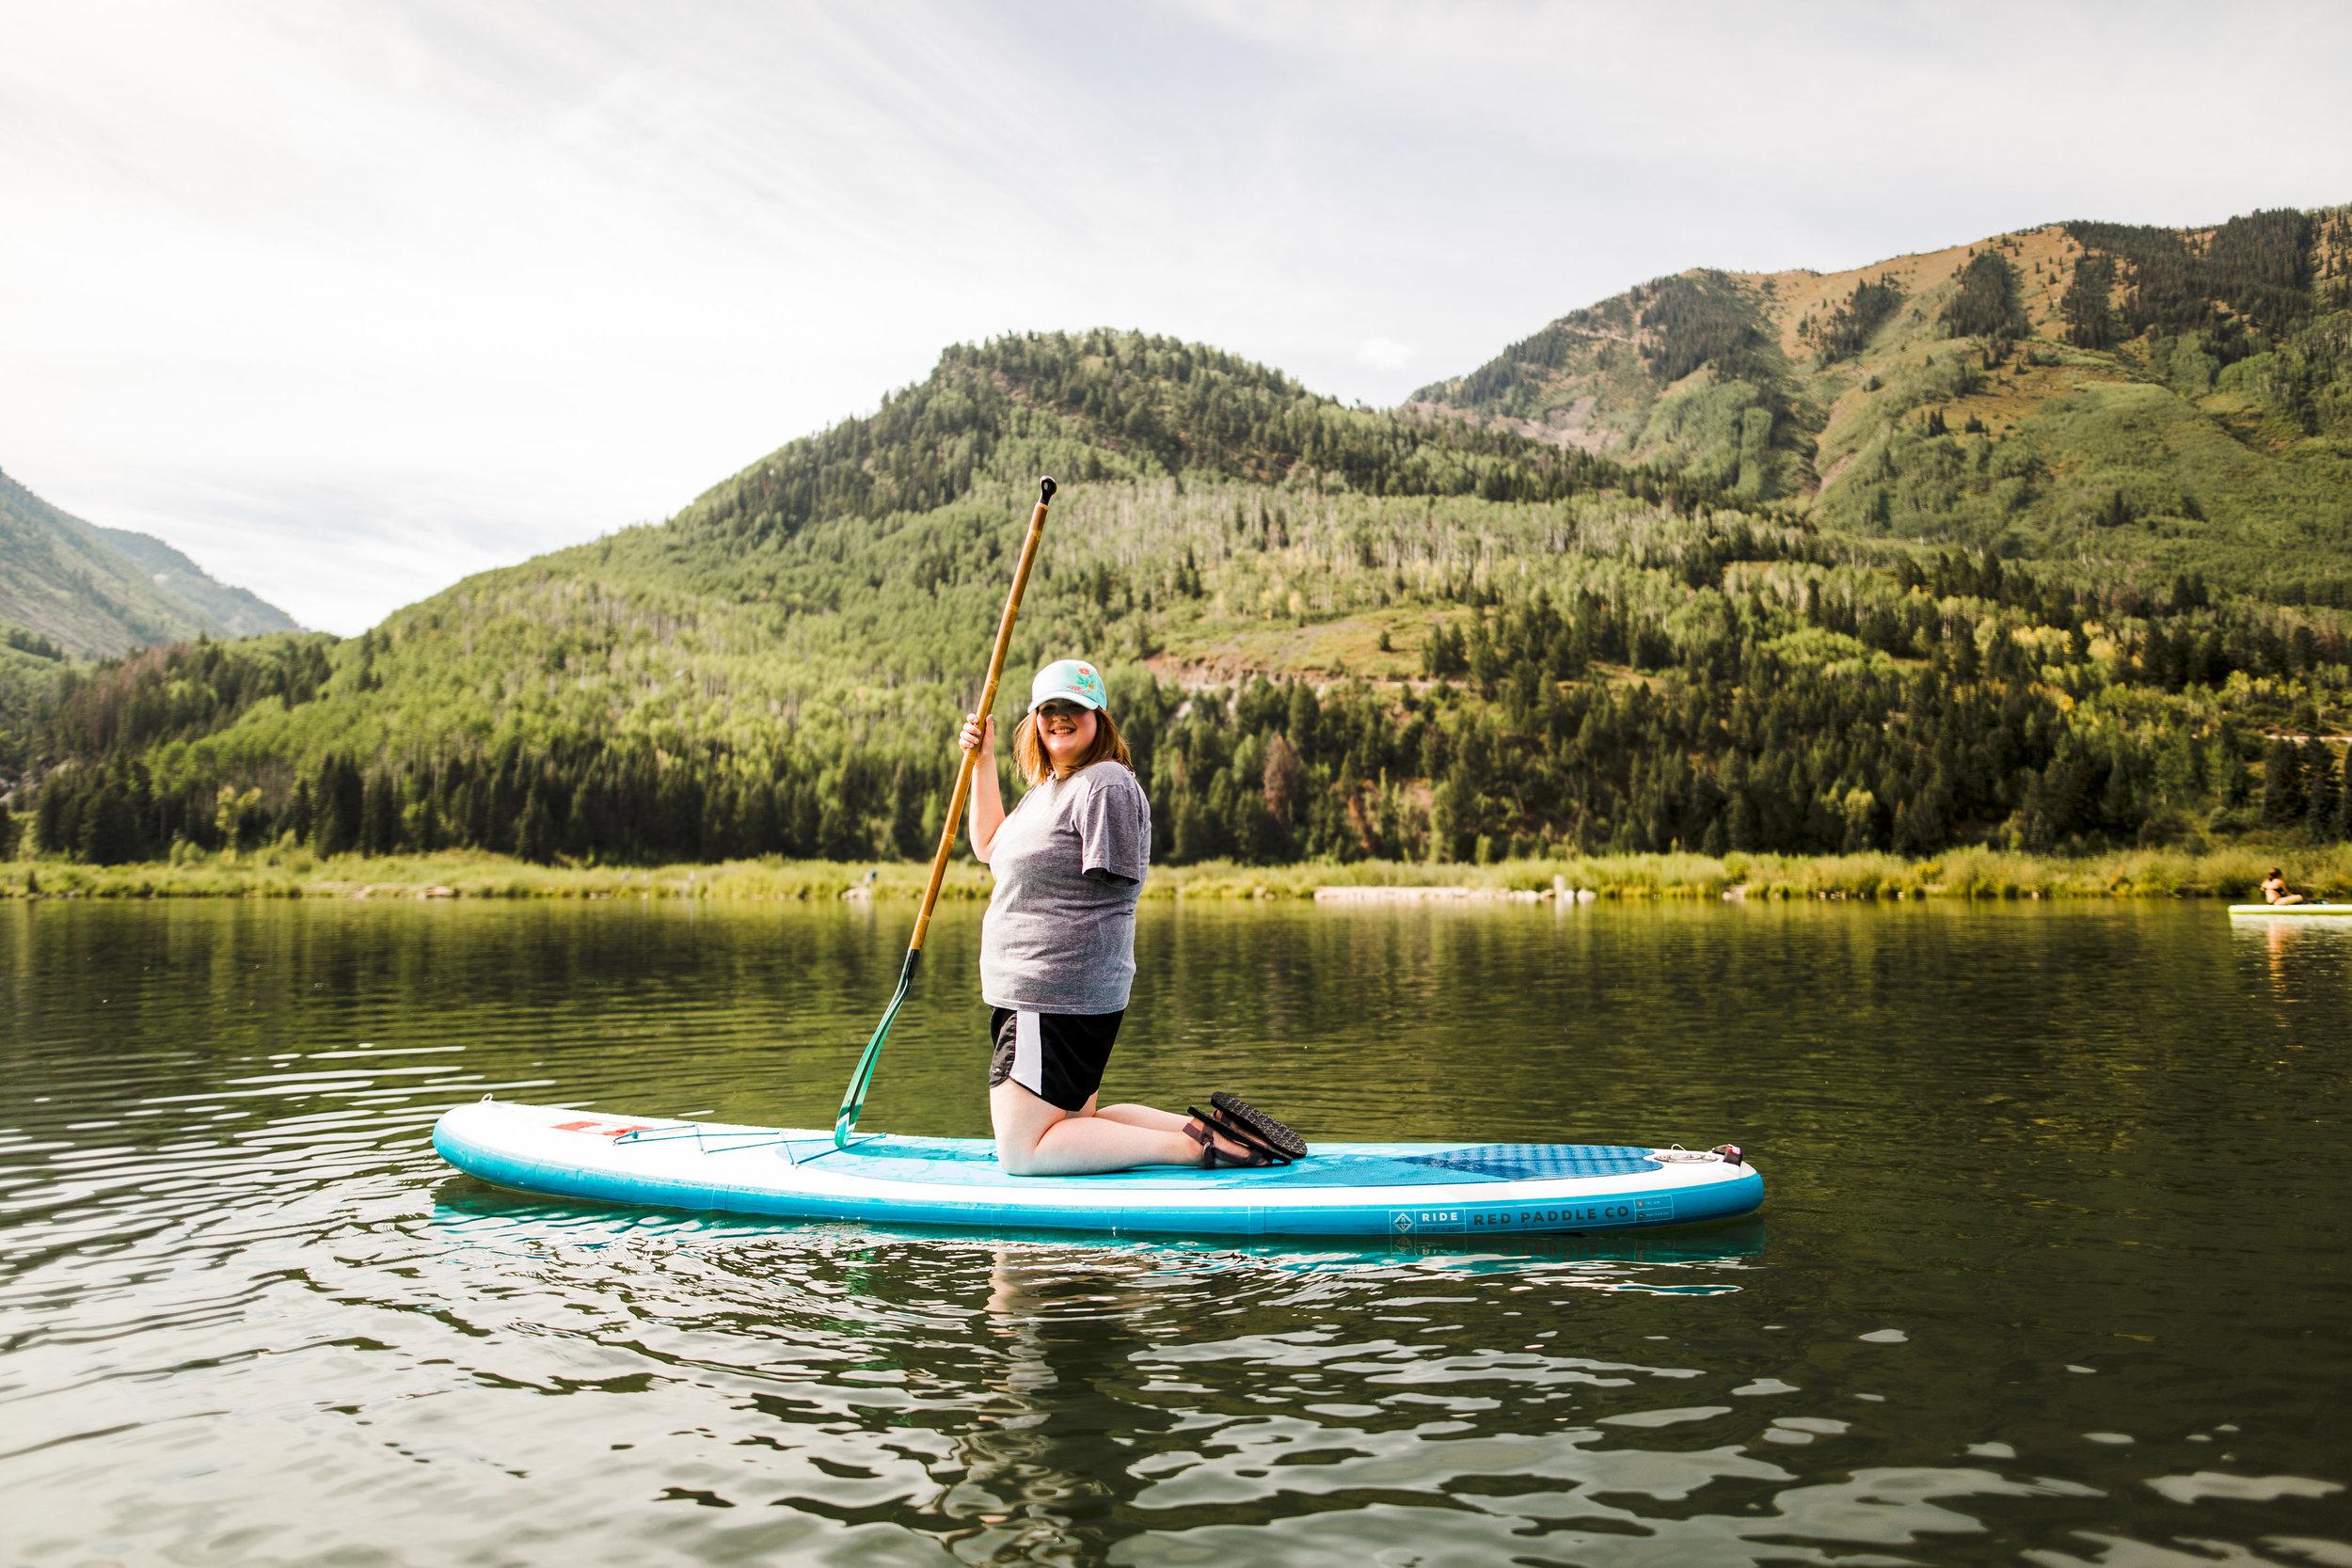 0818-Shelift-CO-Paddleboarding-63.jpg